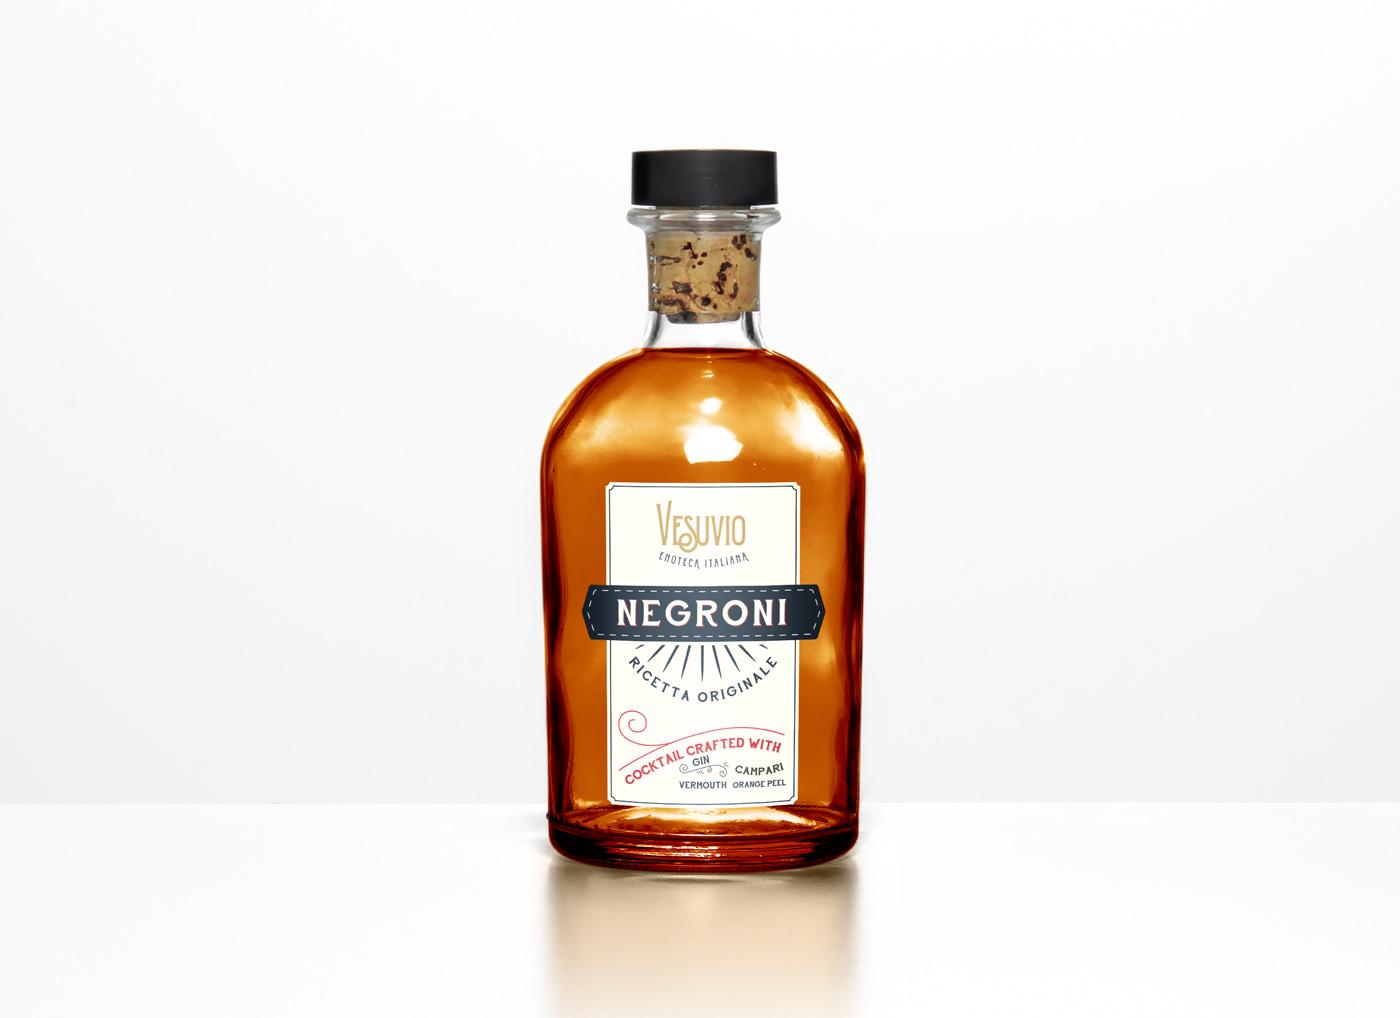 vesuvio-bottle-label